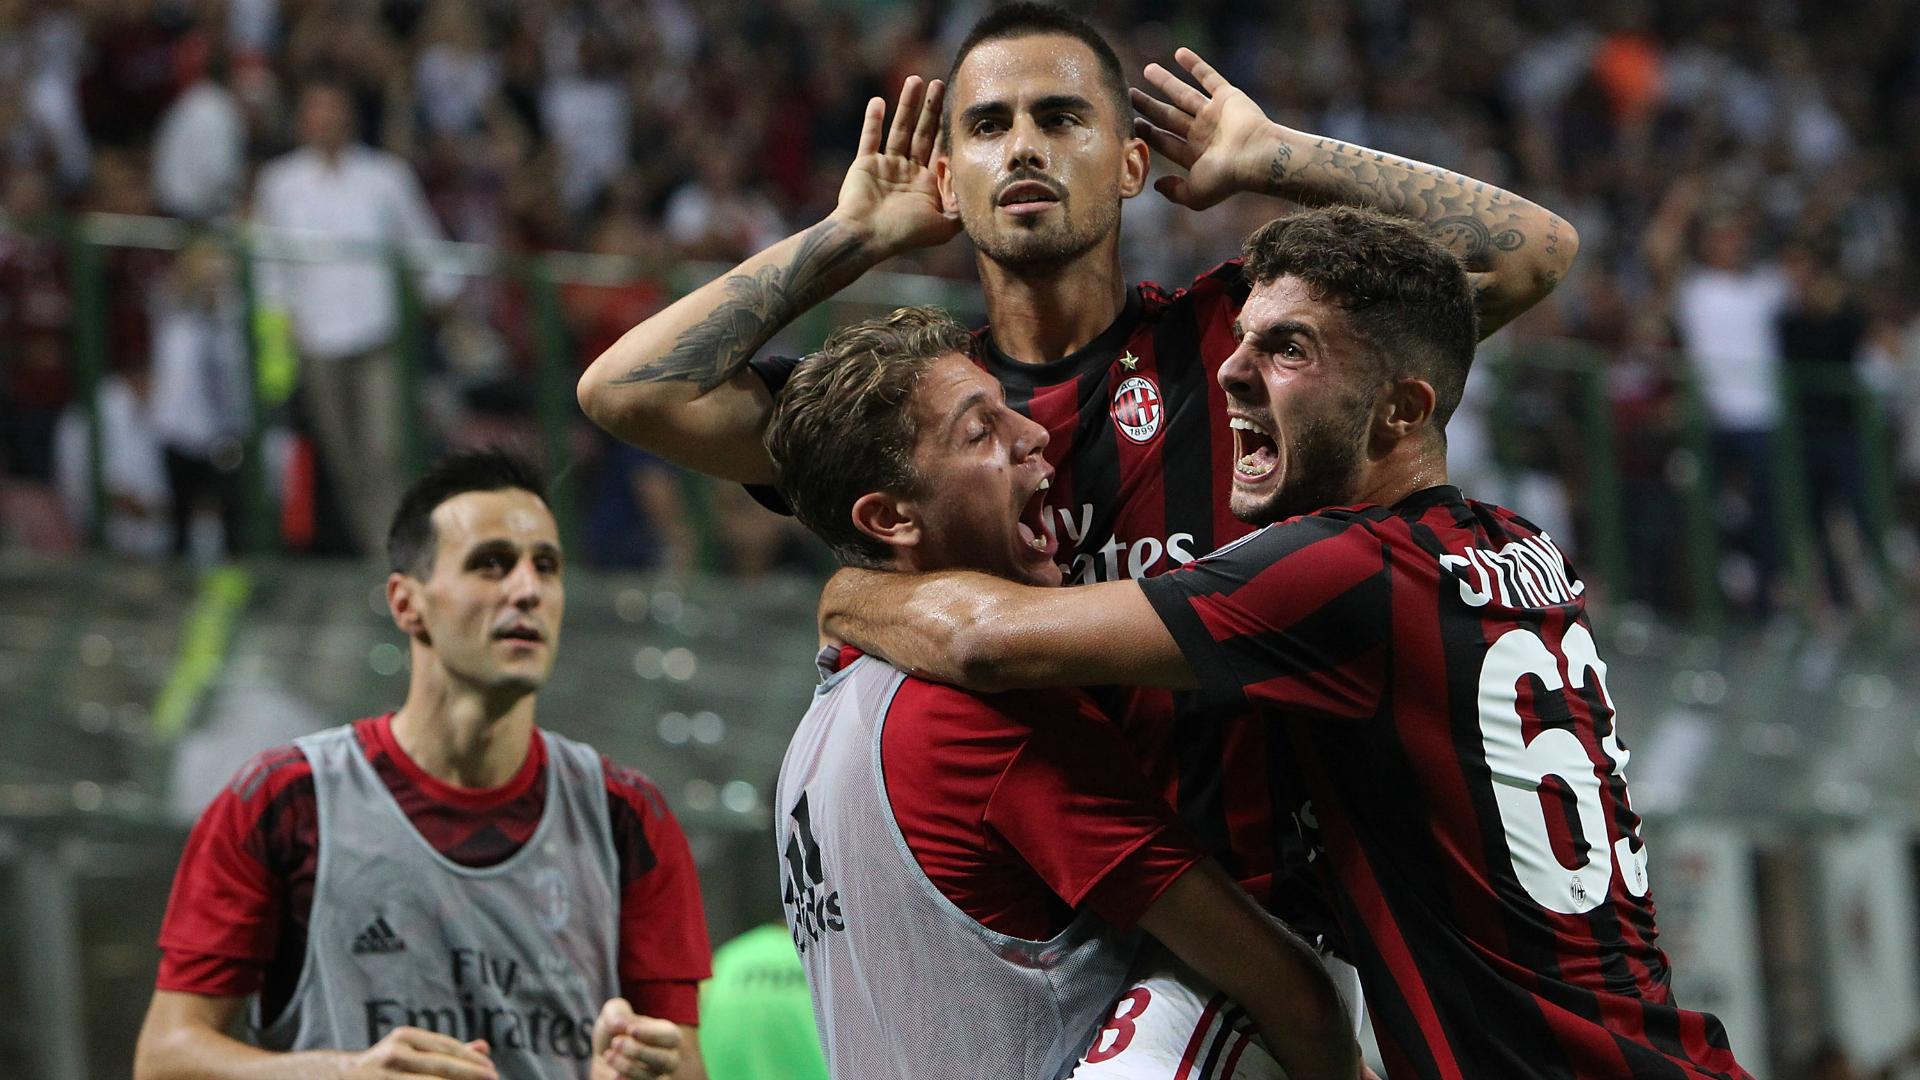 Calciomercato Milan, sempre più vicino il rinnovo di Suso fino al 2022